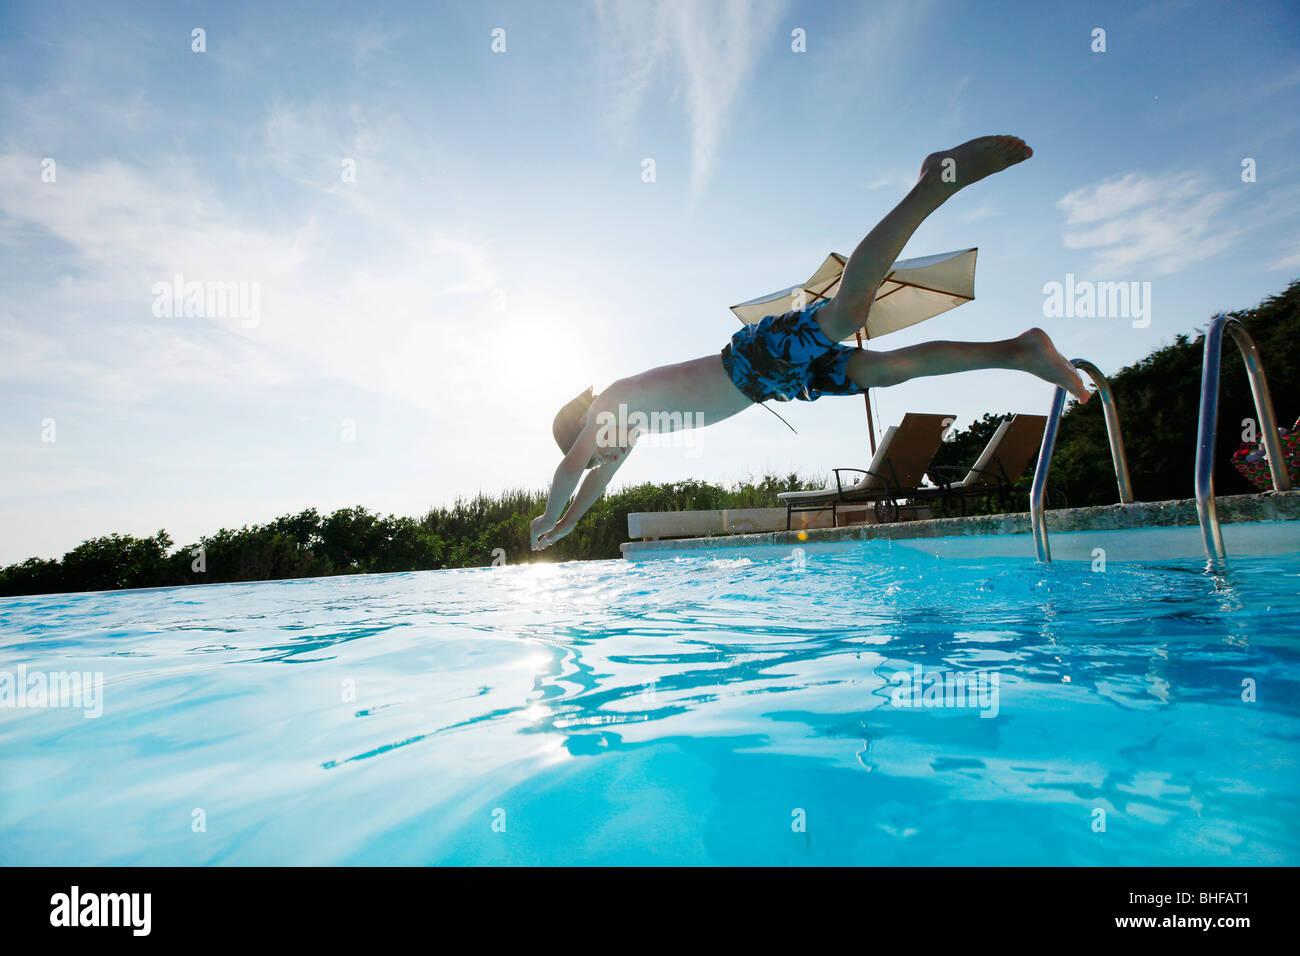 Chico de zambullirse en la piscina, la piscina, Las Dunas Playa, Formentera, Islas Baleares, España Imagen De Stock